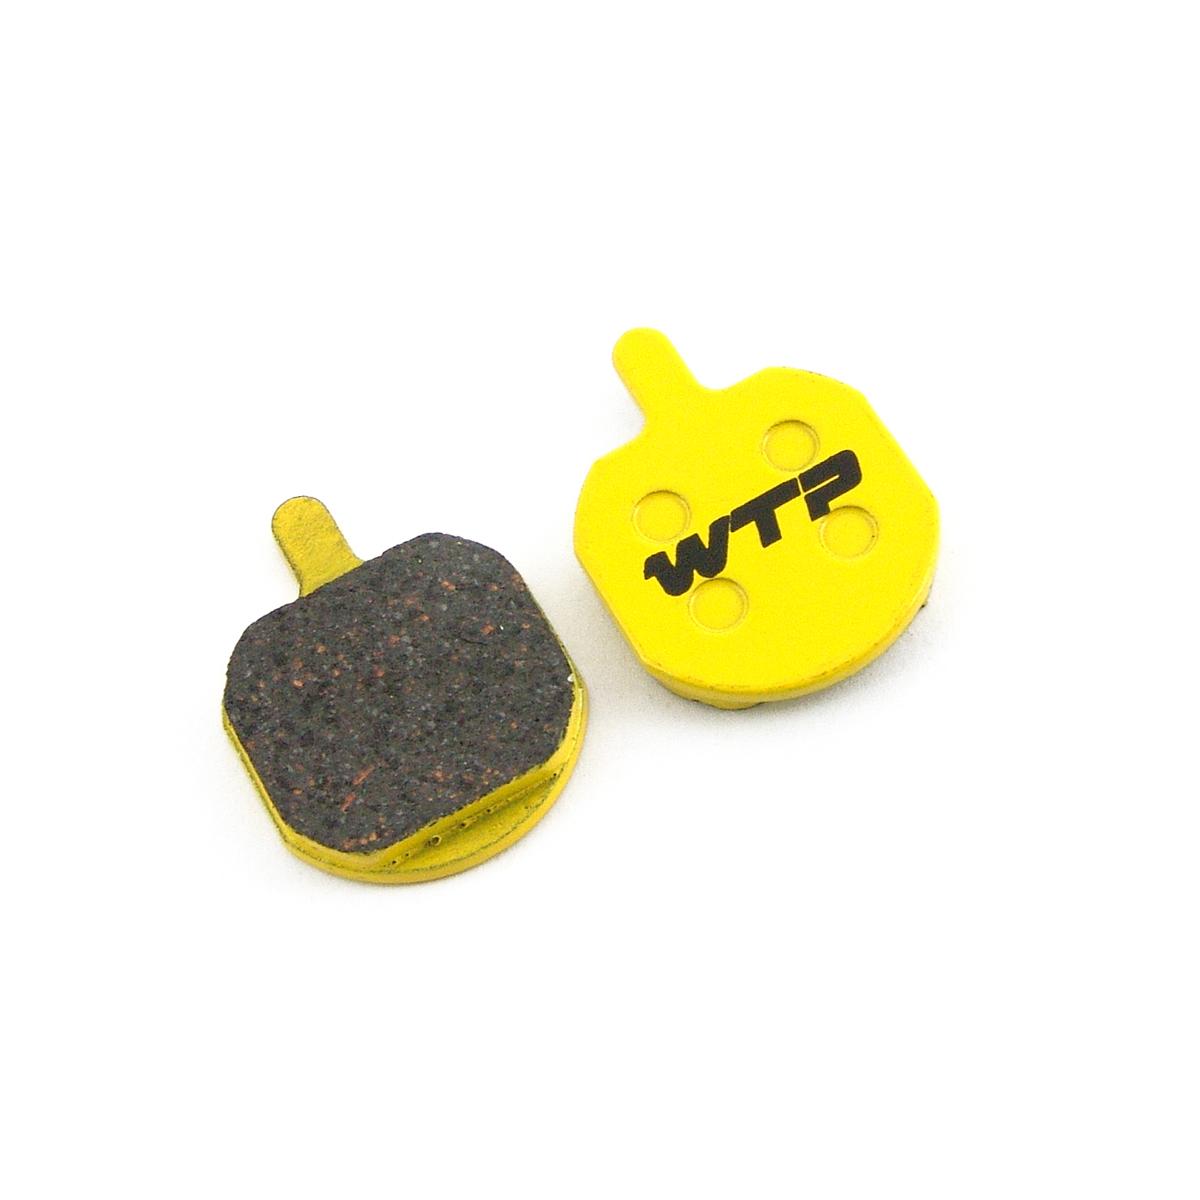 Plaquettes de frein vélo WTP compatibles Hayes Sole GX2 / MX2 / MX3 / MX4 et Sole mechanical